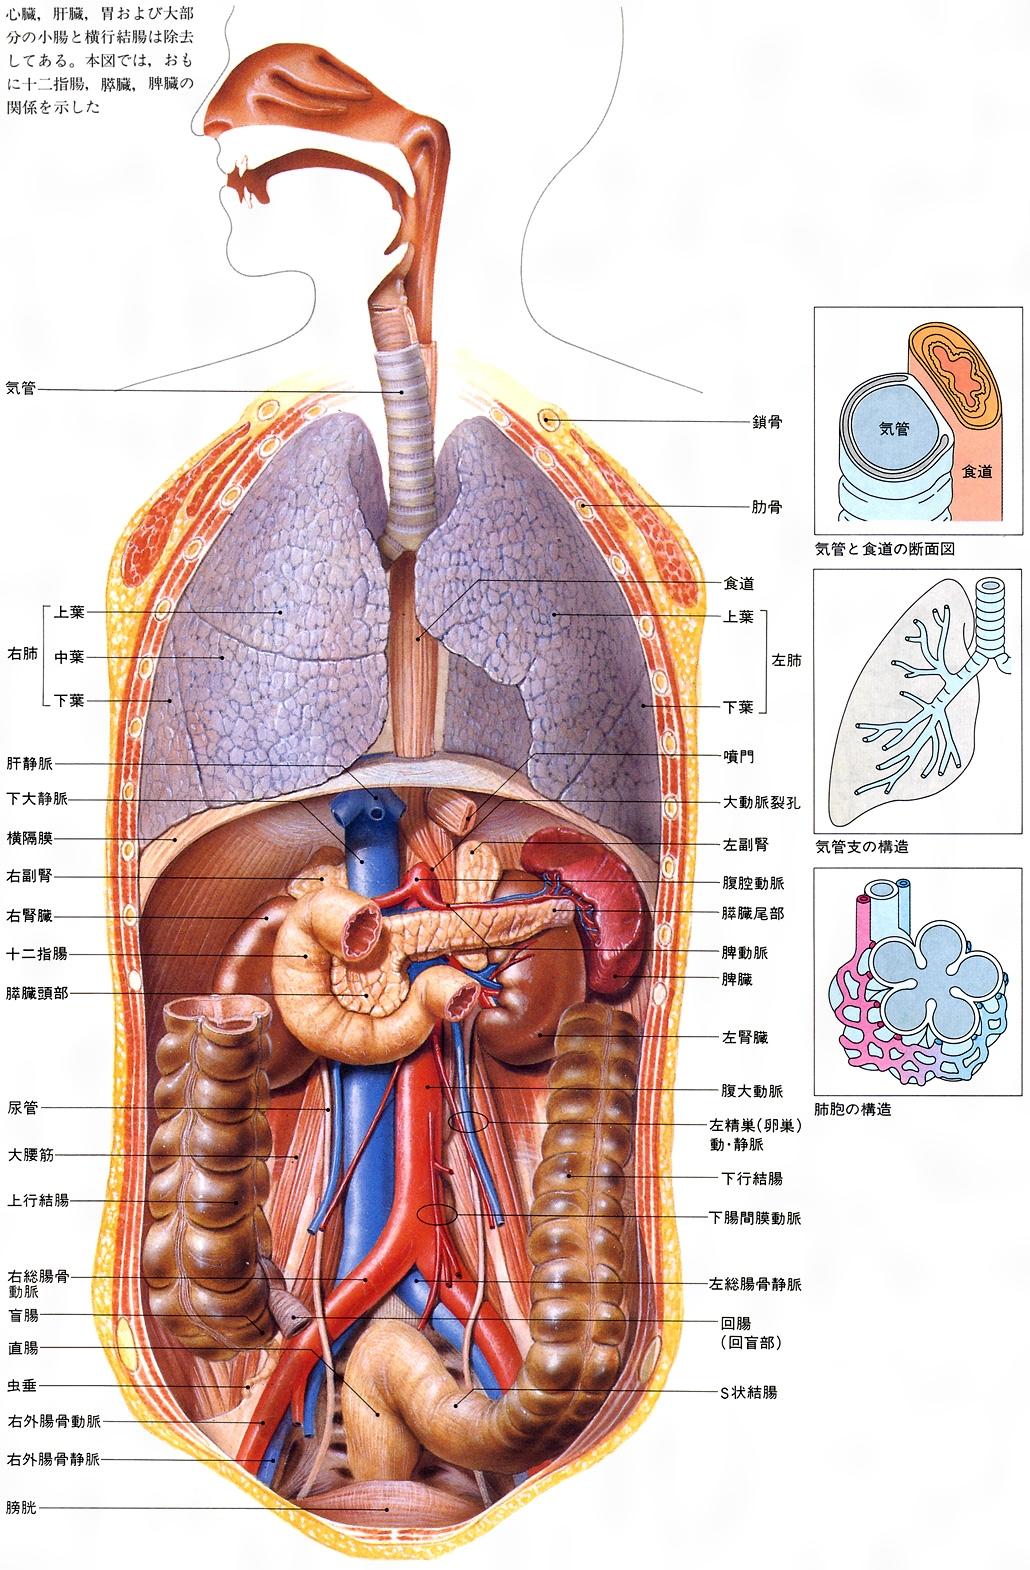 人体の内臓の位置の図はありませんか?病気のとき …